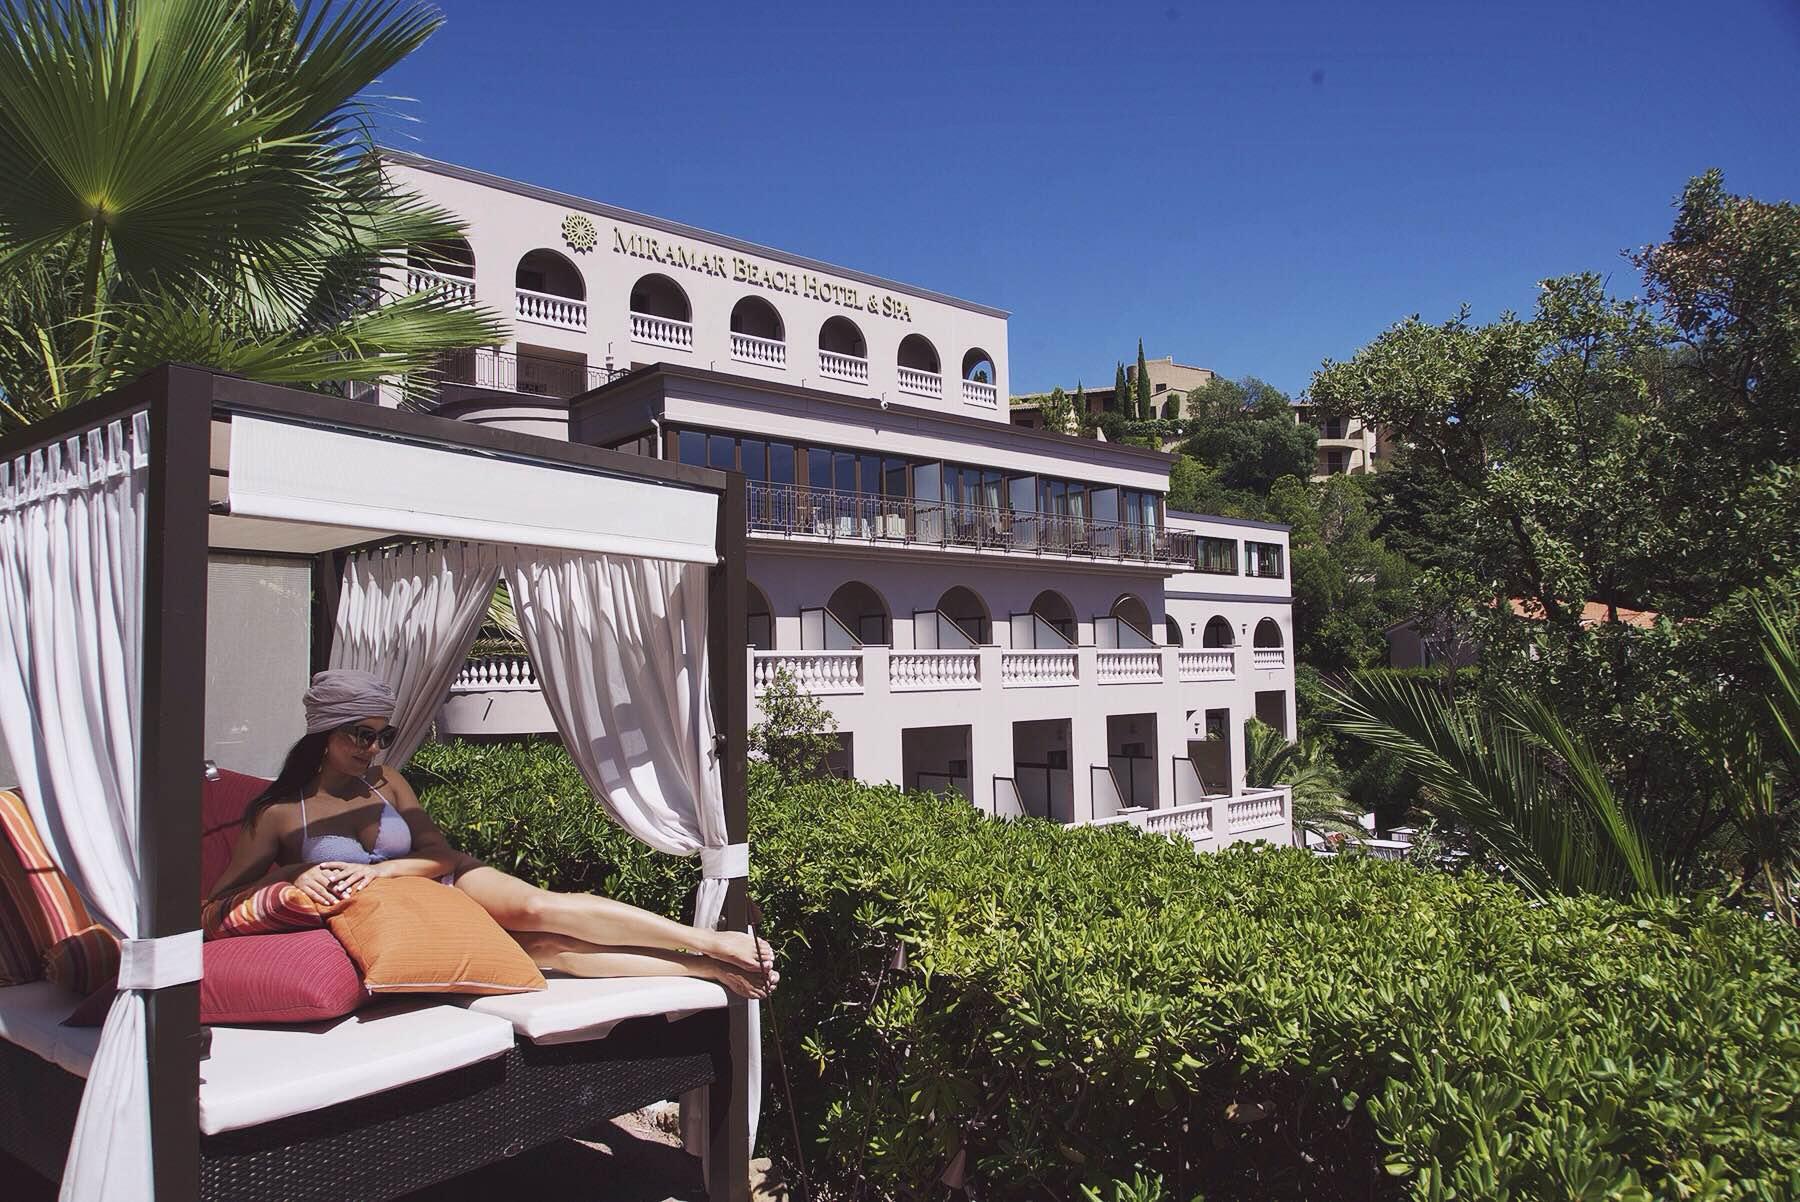 19-Tiara-Miramar-Beach-Hotel-Spa-Cote-dAzur-Disi-Couture-Edisa-Shahini-Cannes-France